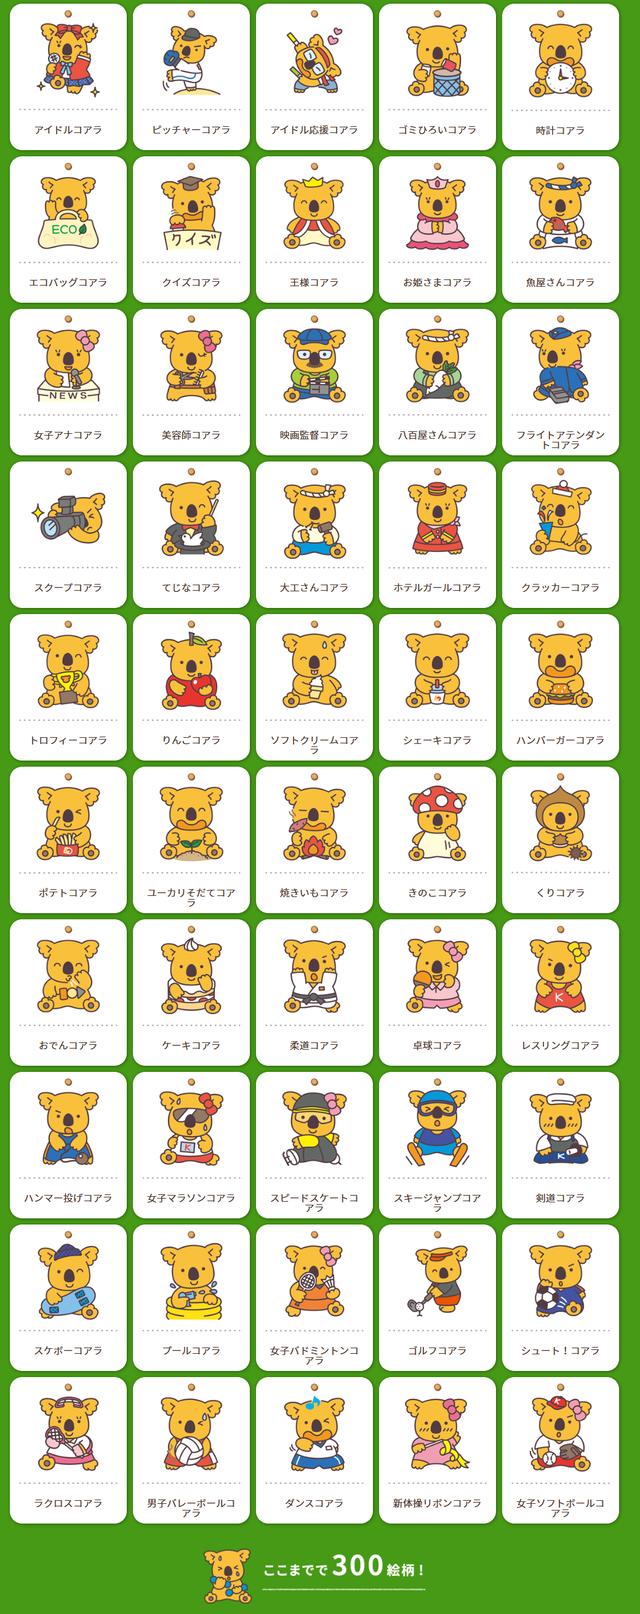 screenshot-www.lotte.co.jp-2020.06.18-11_23_24